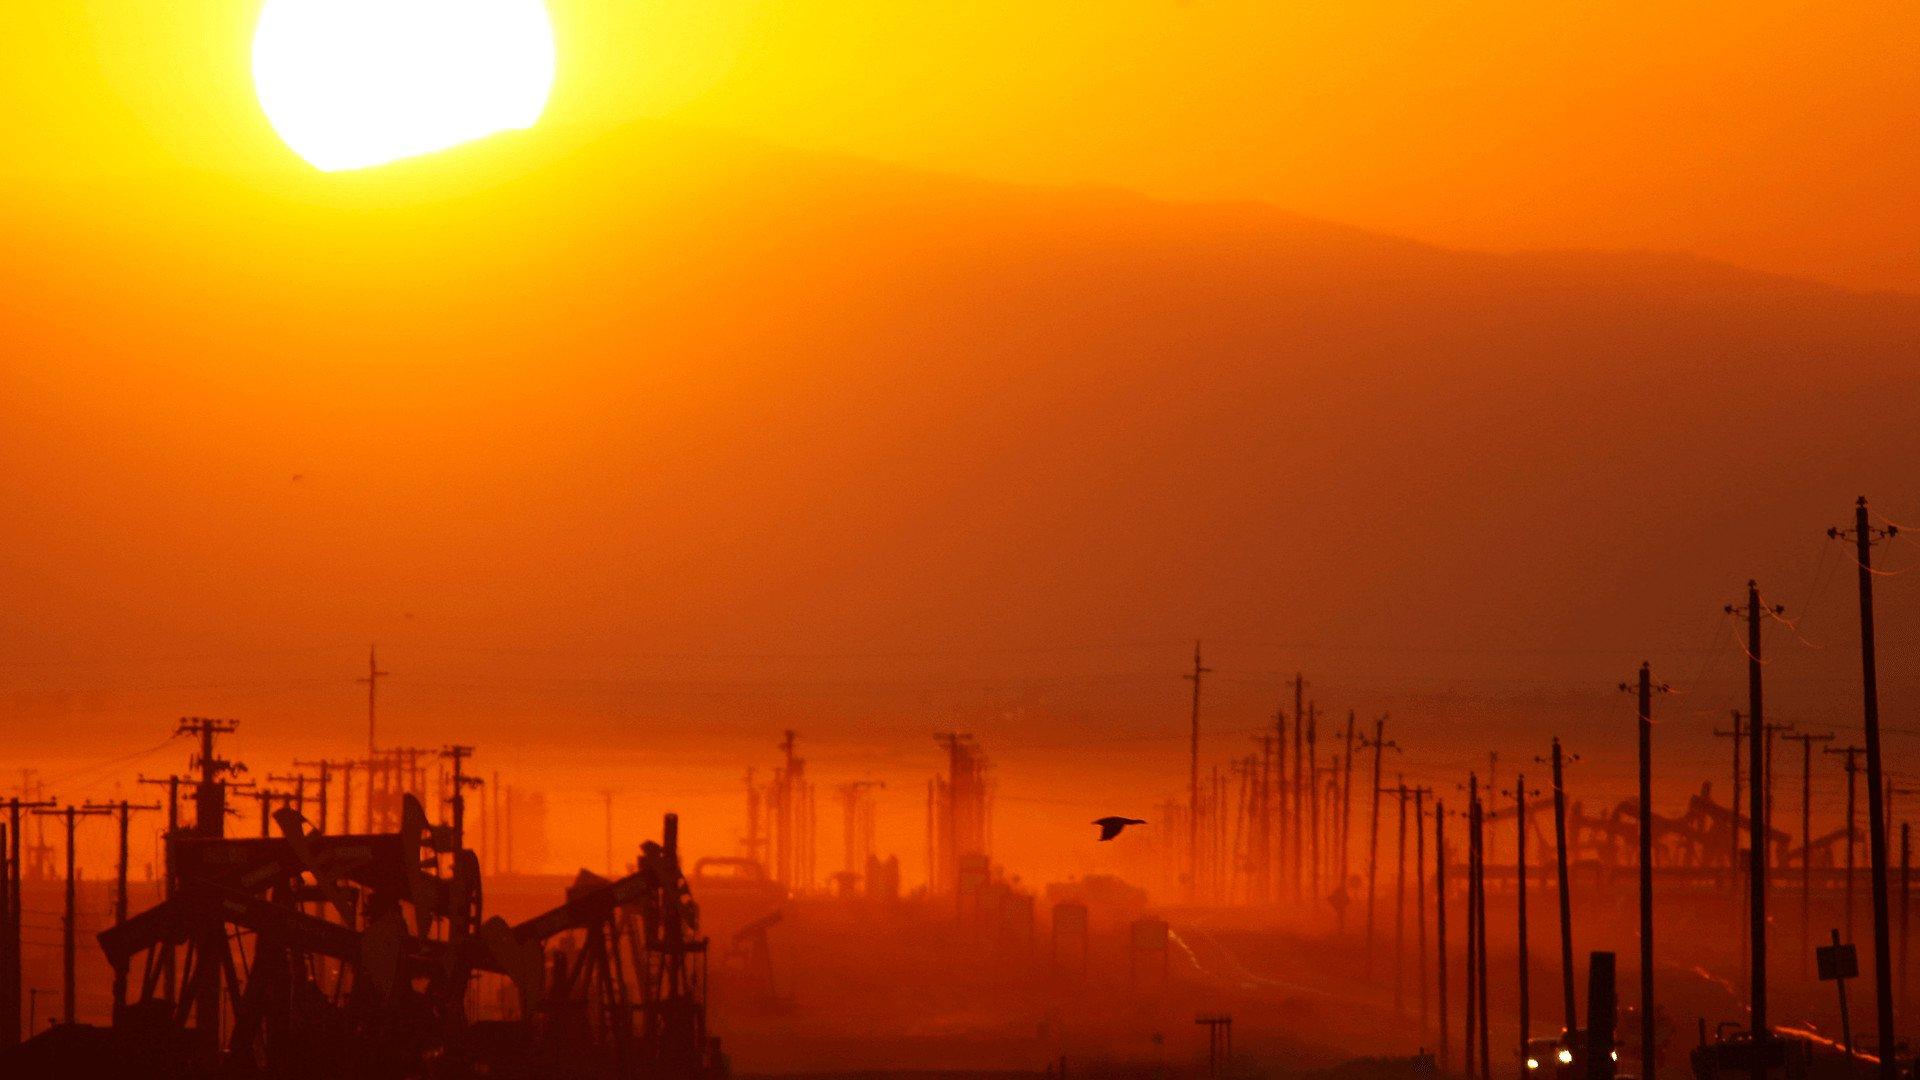 هل نحجب الشمس لمواجهة الاحتباس الحراري؟